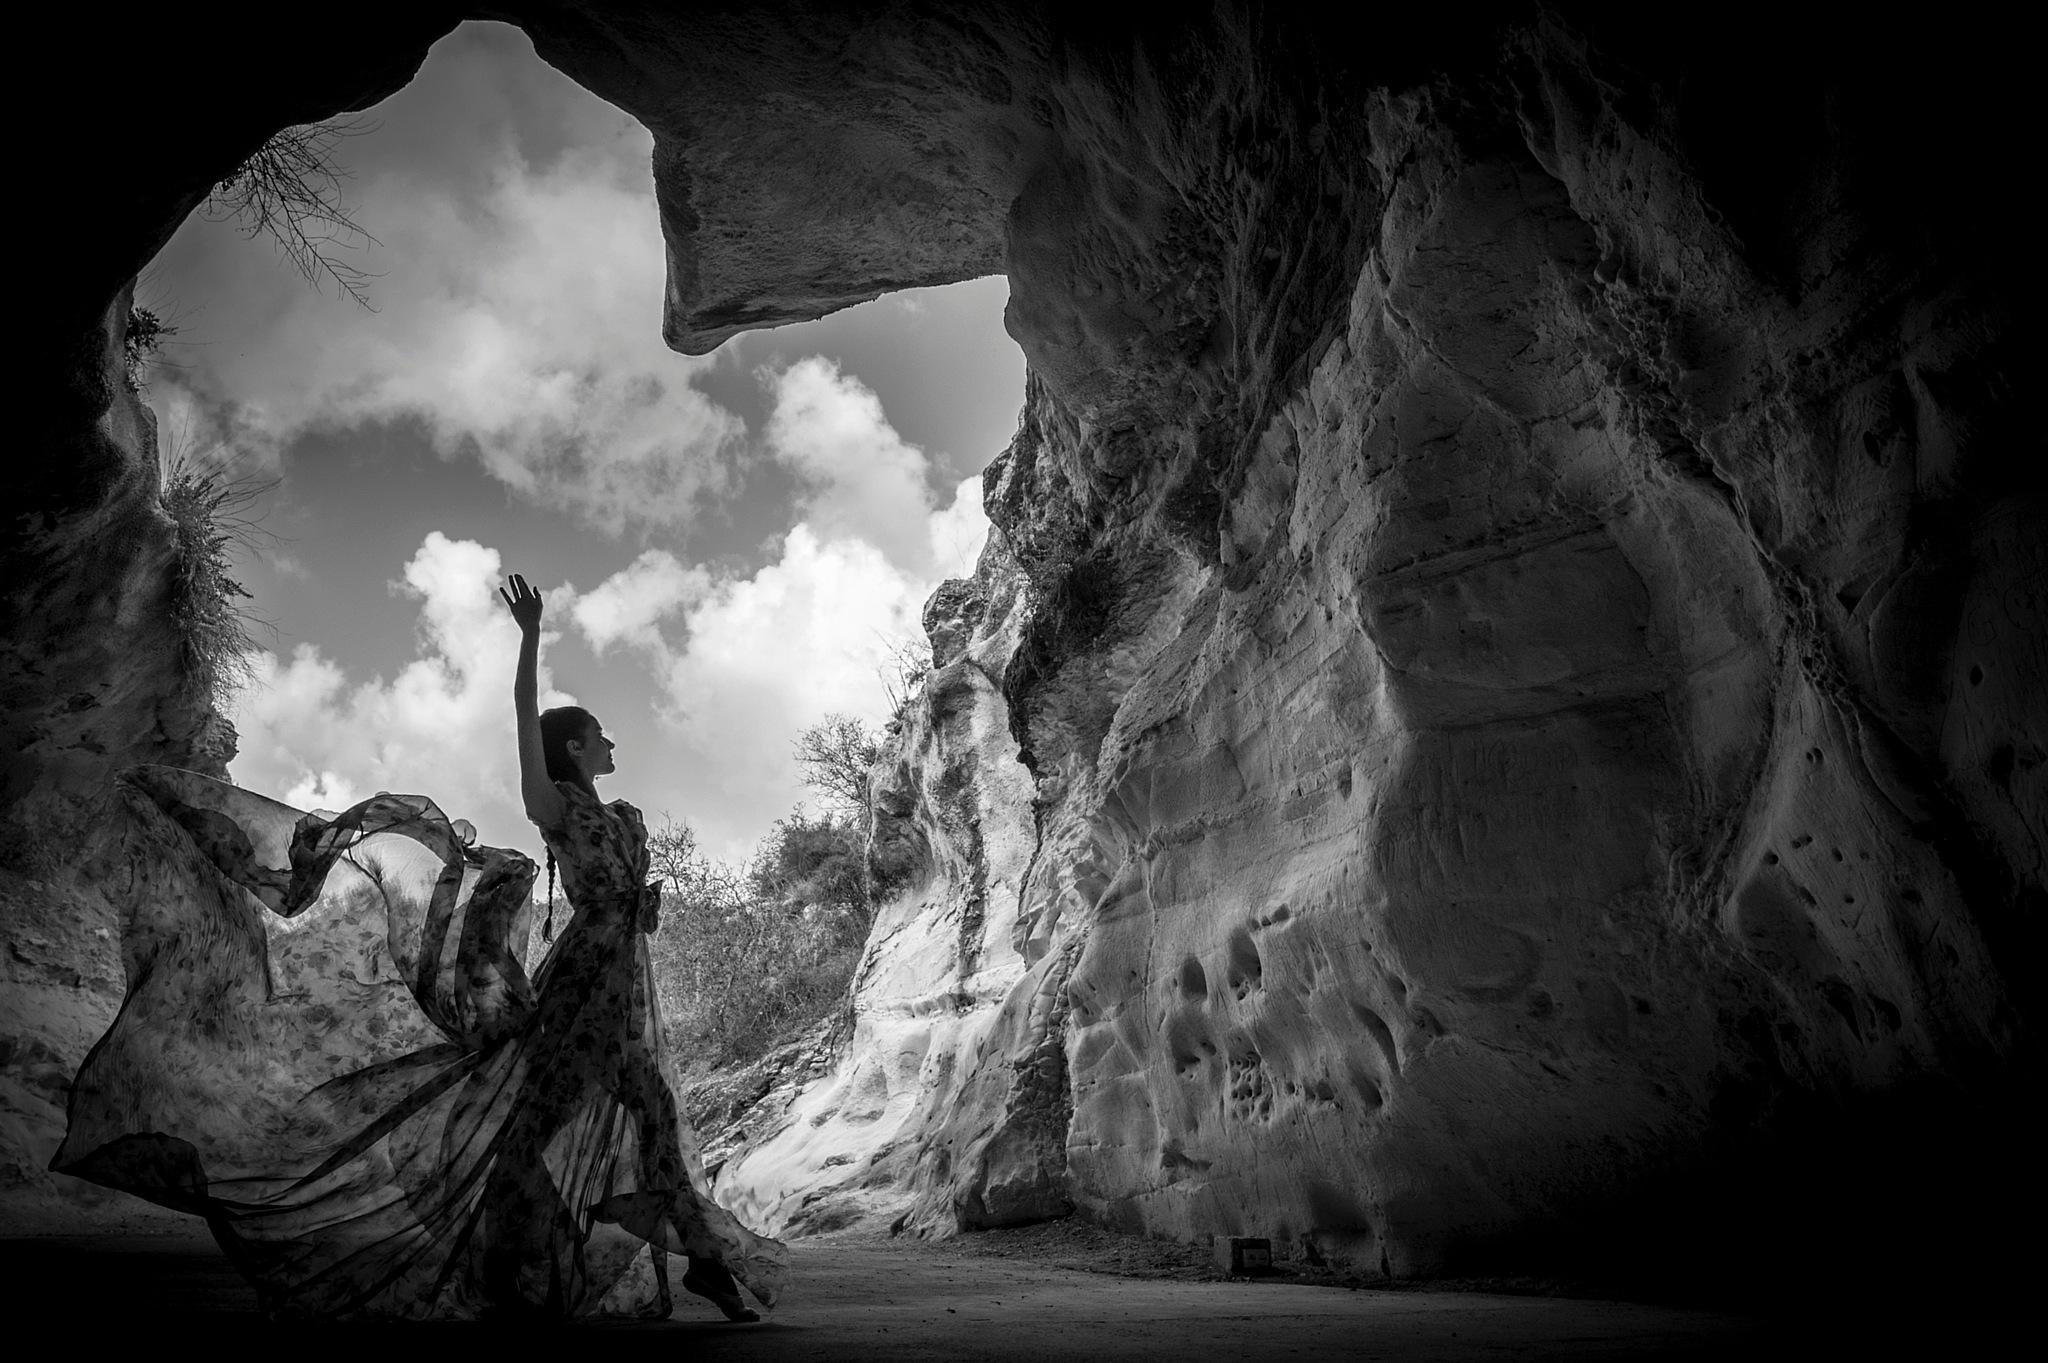 Untitled by Eyal Amer